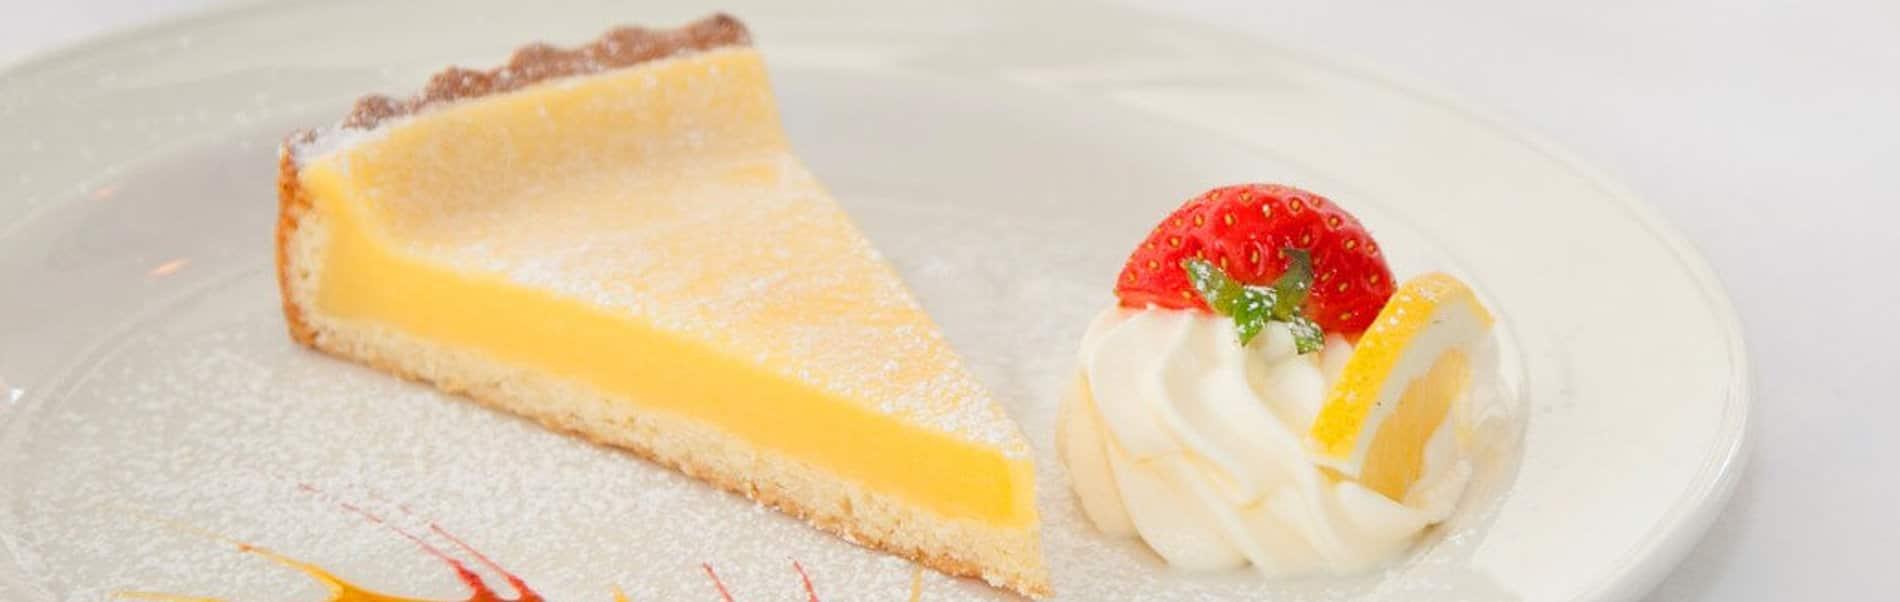 Wanderlust Irland Westlodge Dessert